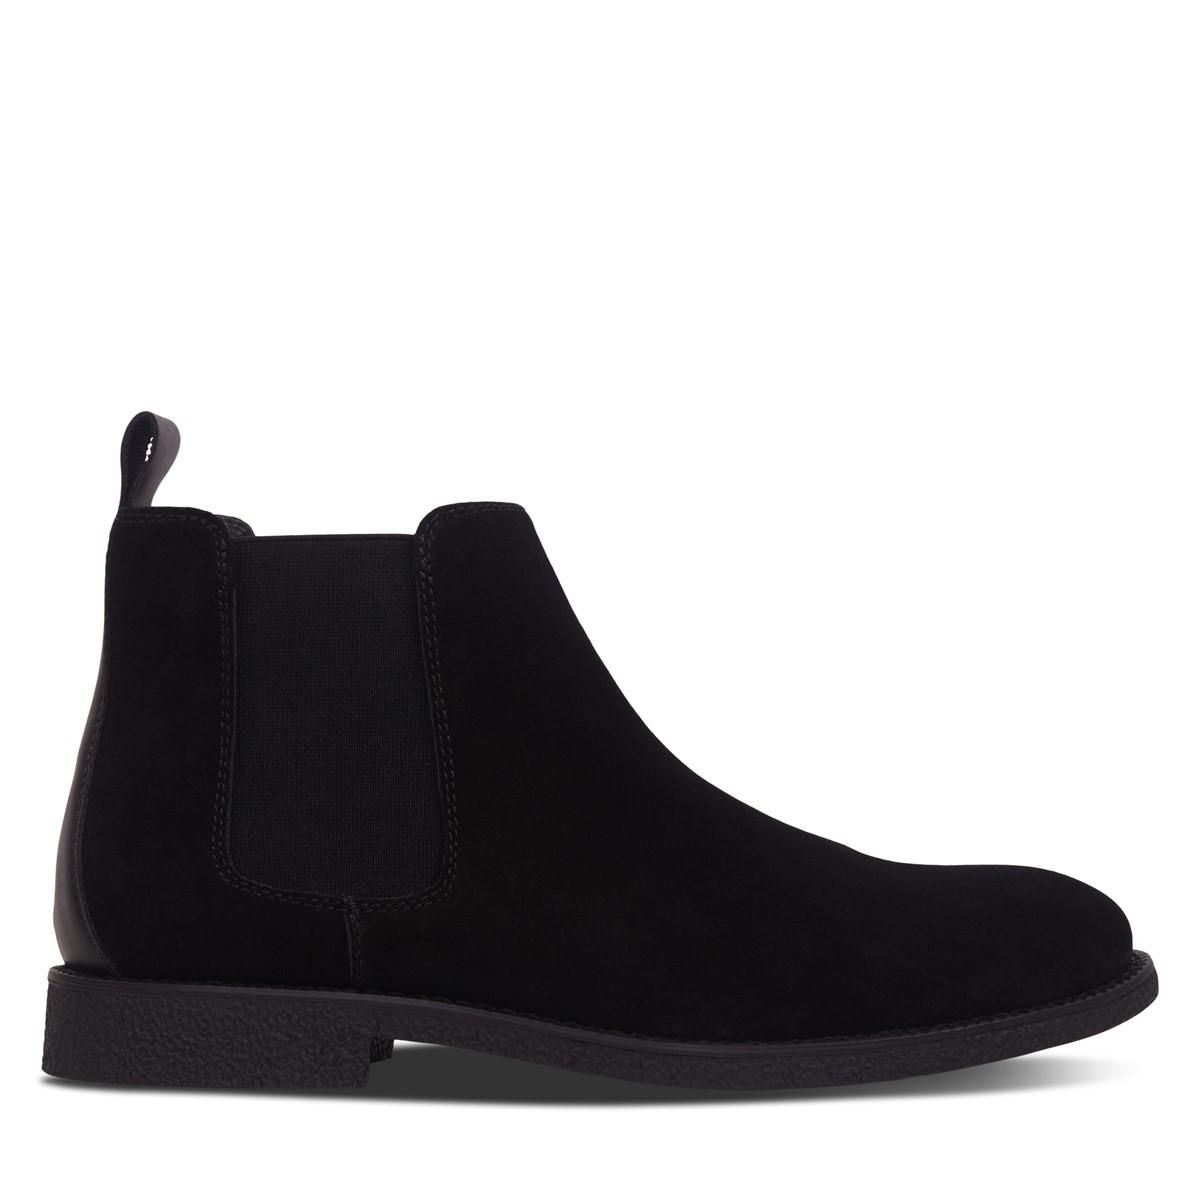 Men's Ellio Chelsea Boots in Black